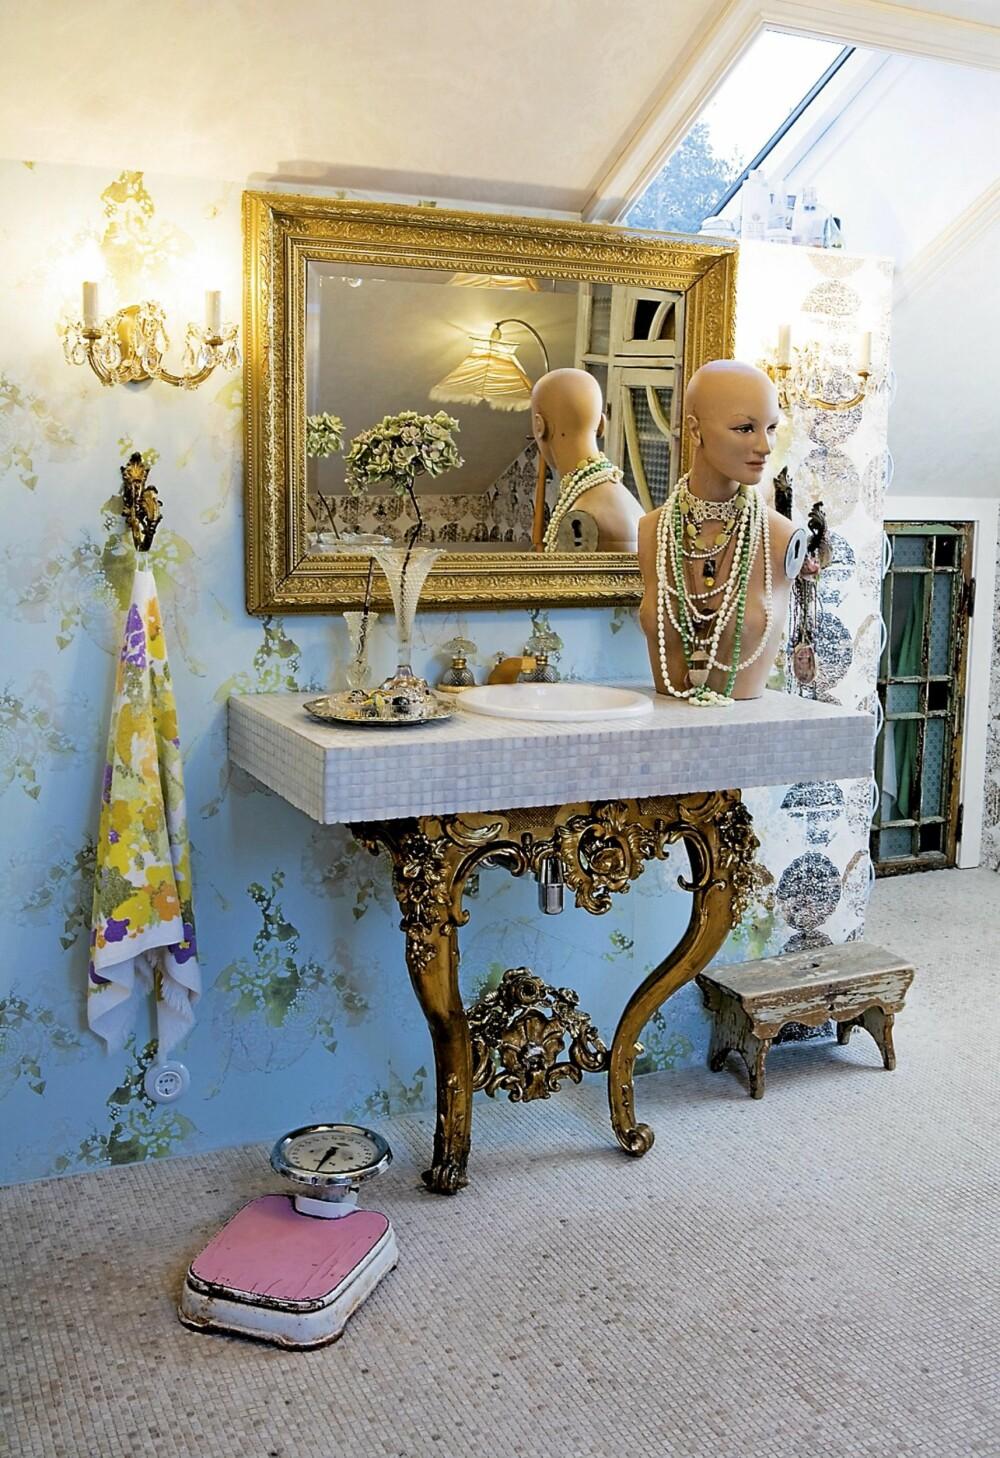 Benken på badet ser ut som et bord som kommer ut av veggen. Platen ble bygd på stedet. Understellet er et gammelt gullbelagt konsollbord. Blandebatteriet i ¿gull¿ og krystall og den gamle bysten er kjøpt billig på Ebay.